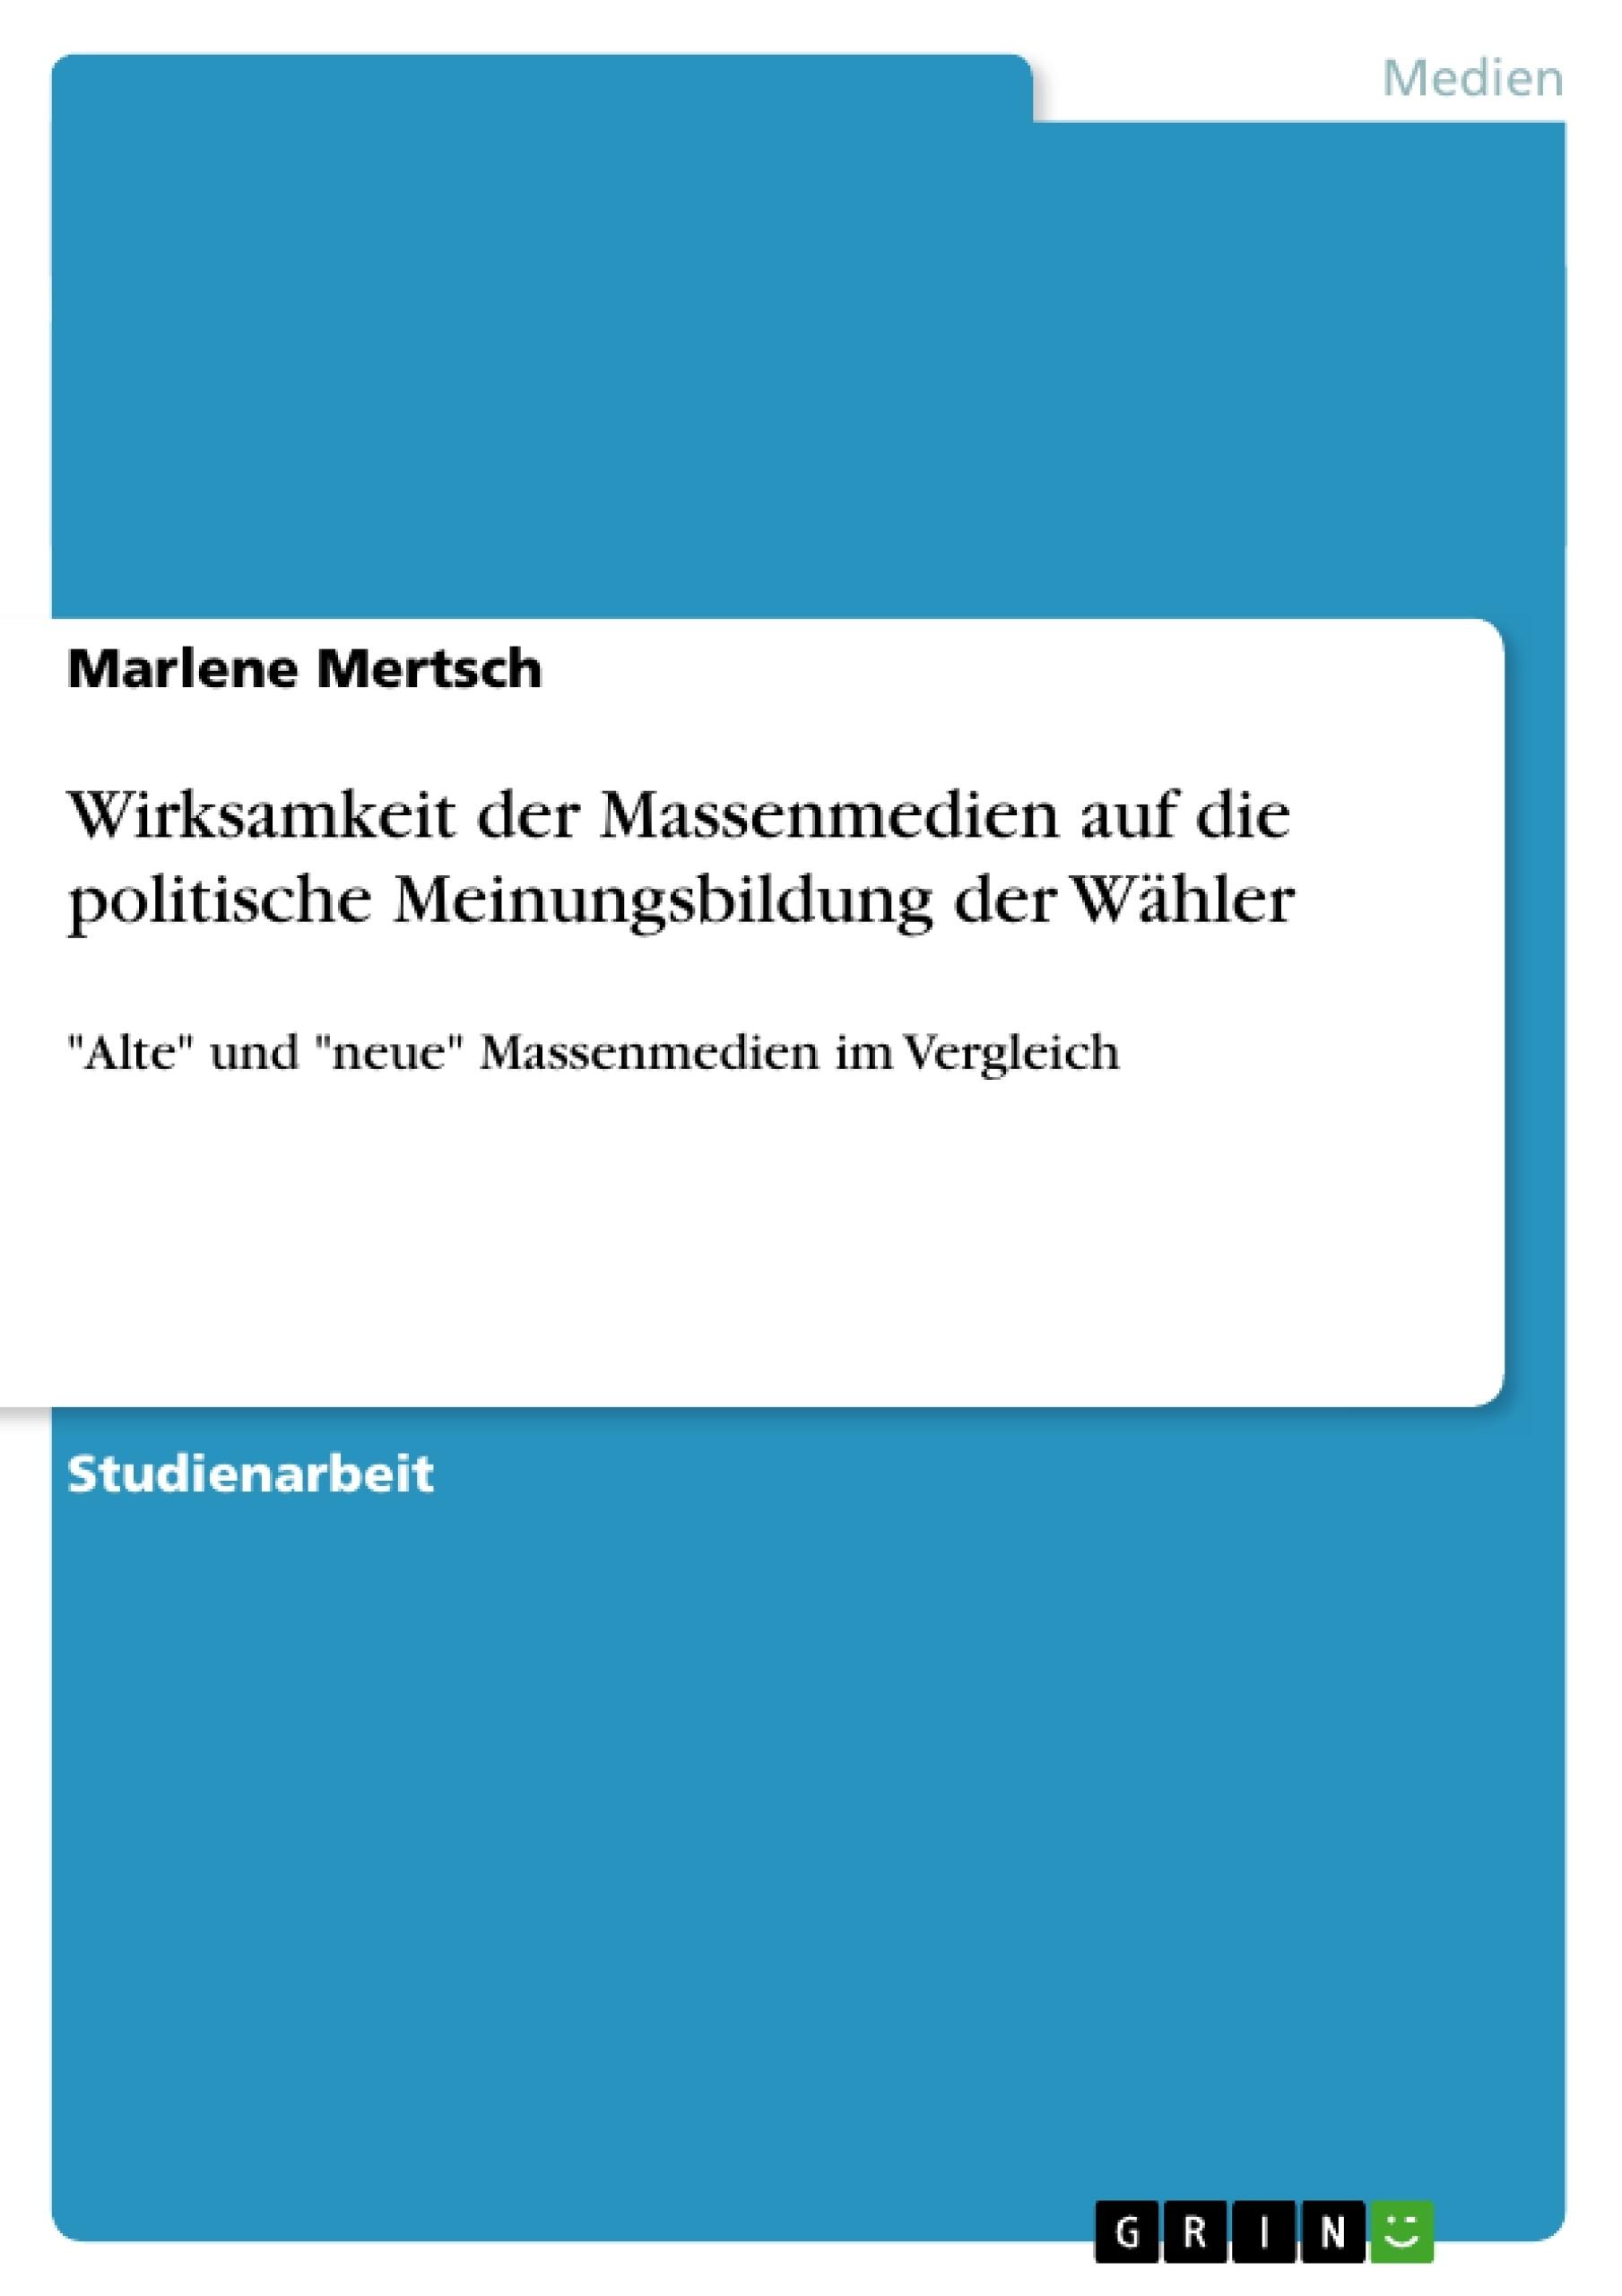 Titel: Wirksamkeit der Massenmedien auf die politische Meinungsbildung der Wähler